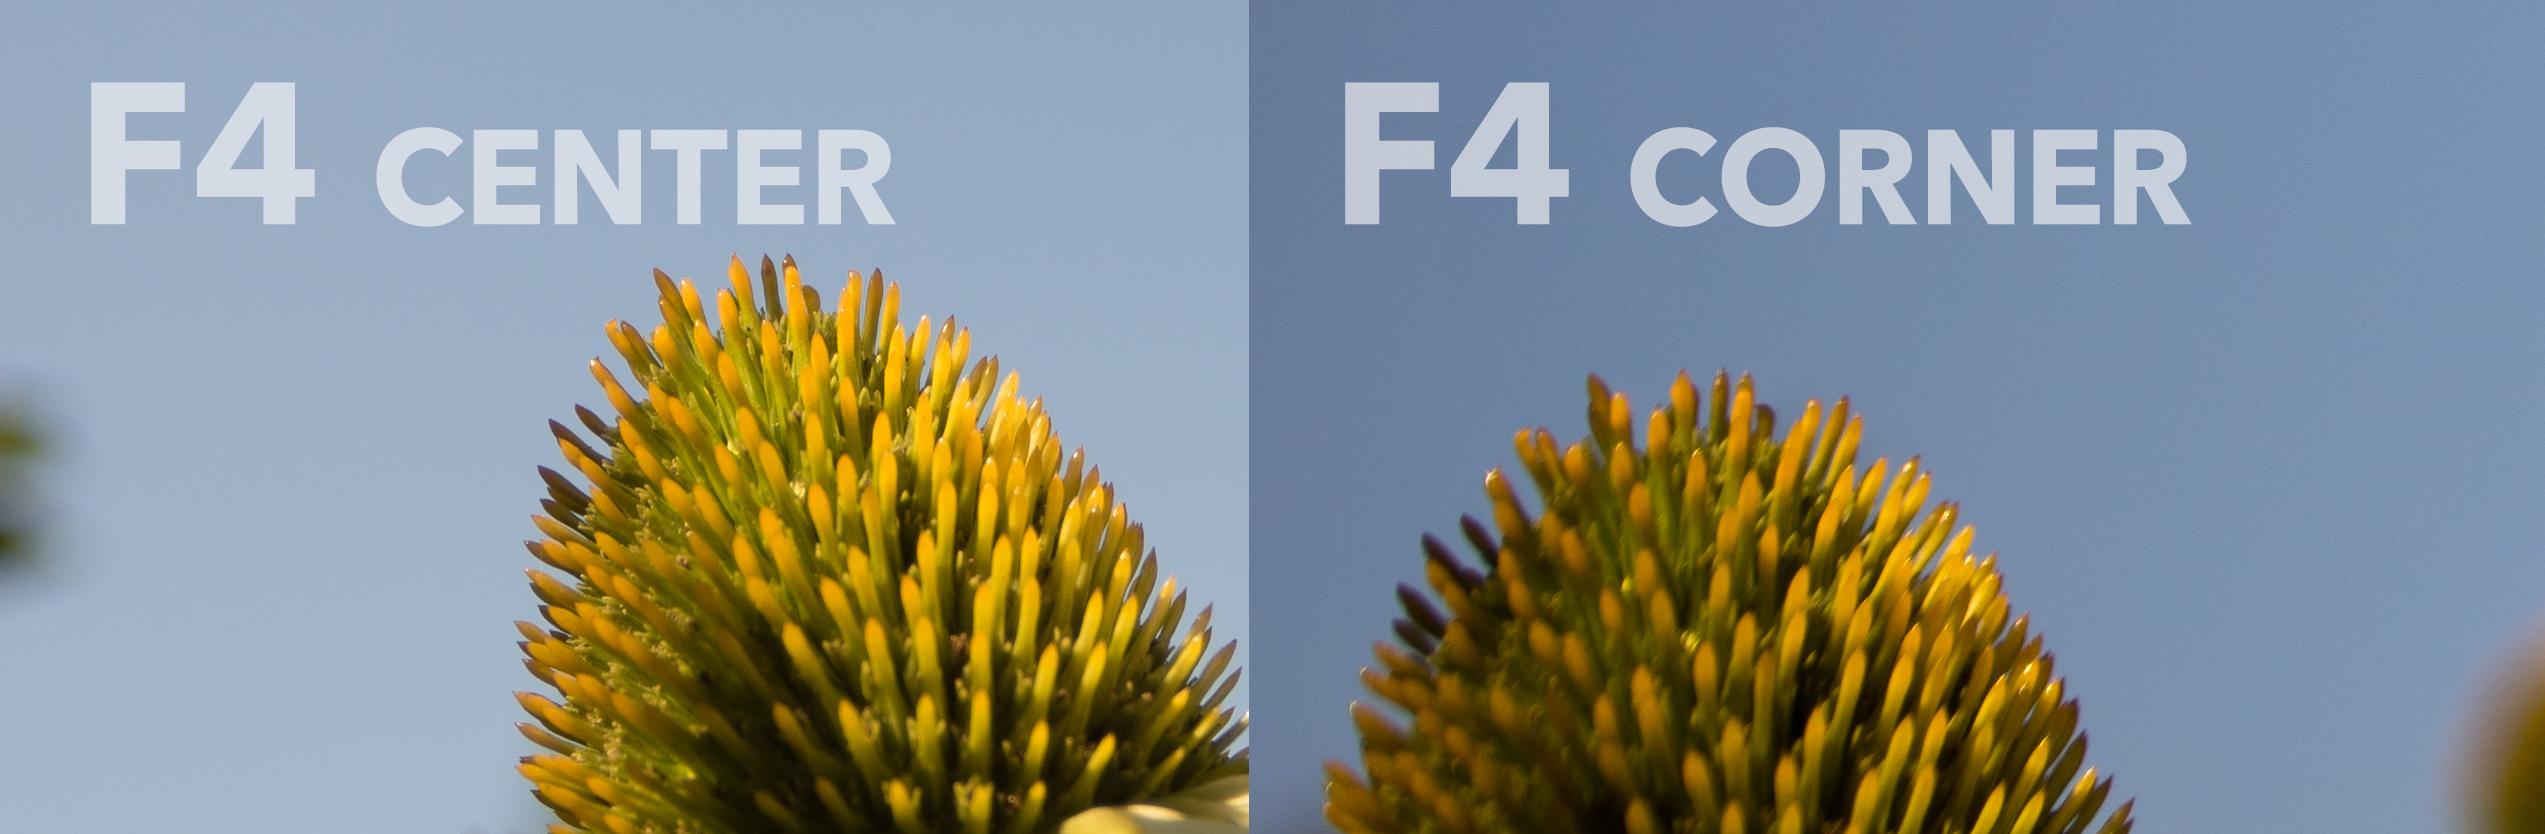 17-40-35mm-at-F4